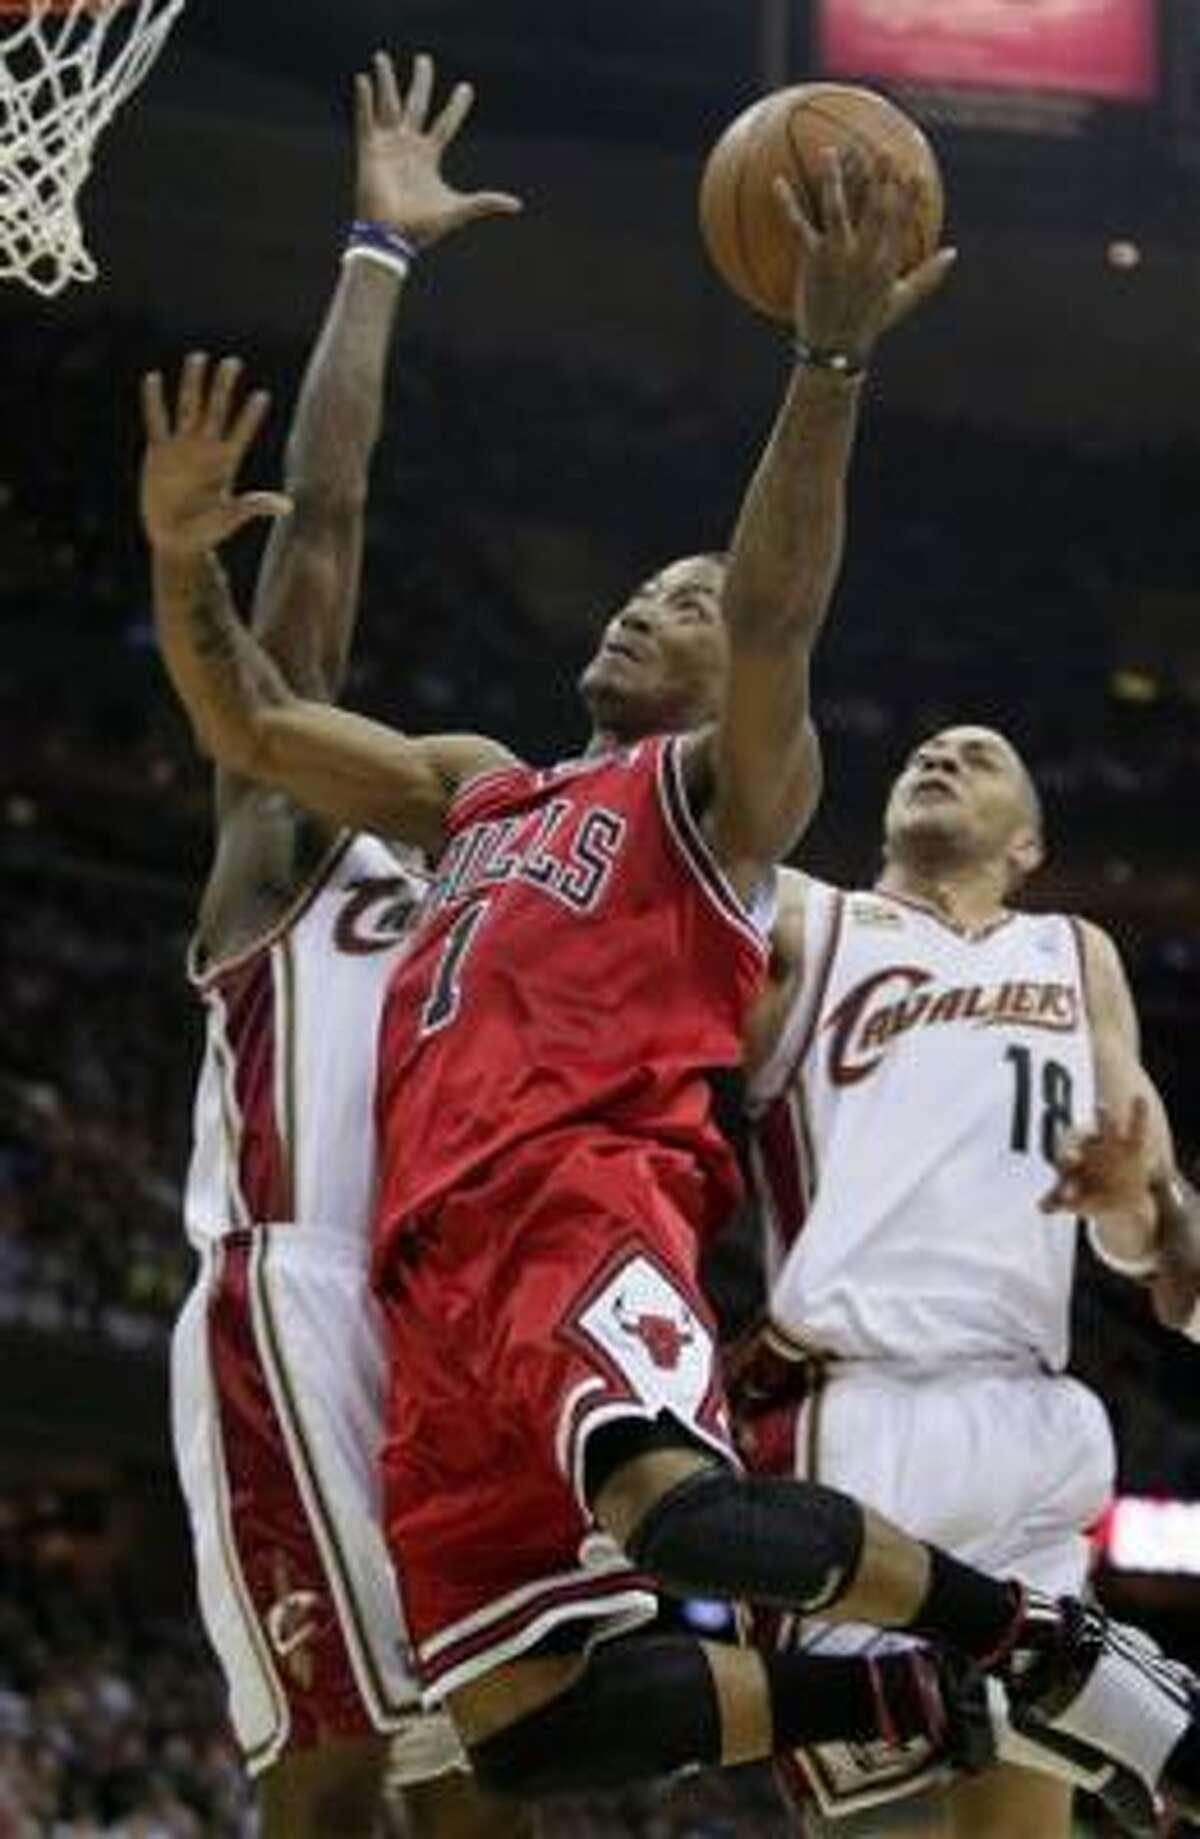 Joakim Noah, de los Bulls de Chicago, vuelca la pelota contra los Cavaliers de Cleveland, durante el segundo partido de la primera ronda de la postemporada de la NBA, disputado el lunes 19 de abril del 2010, en Cleveland.